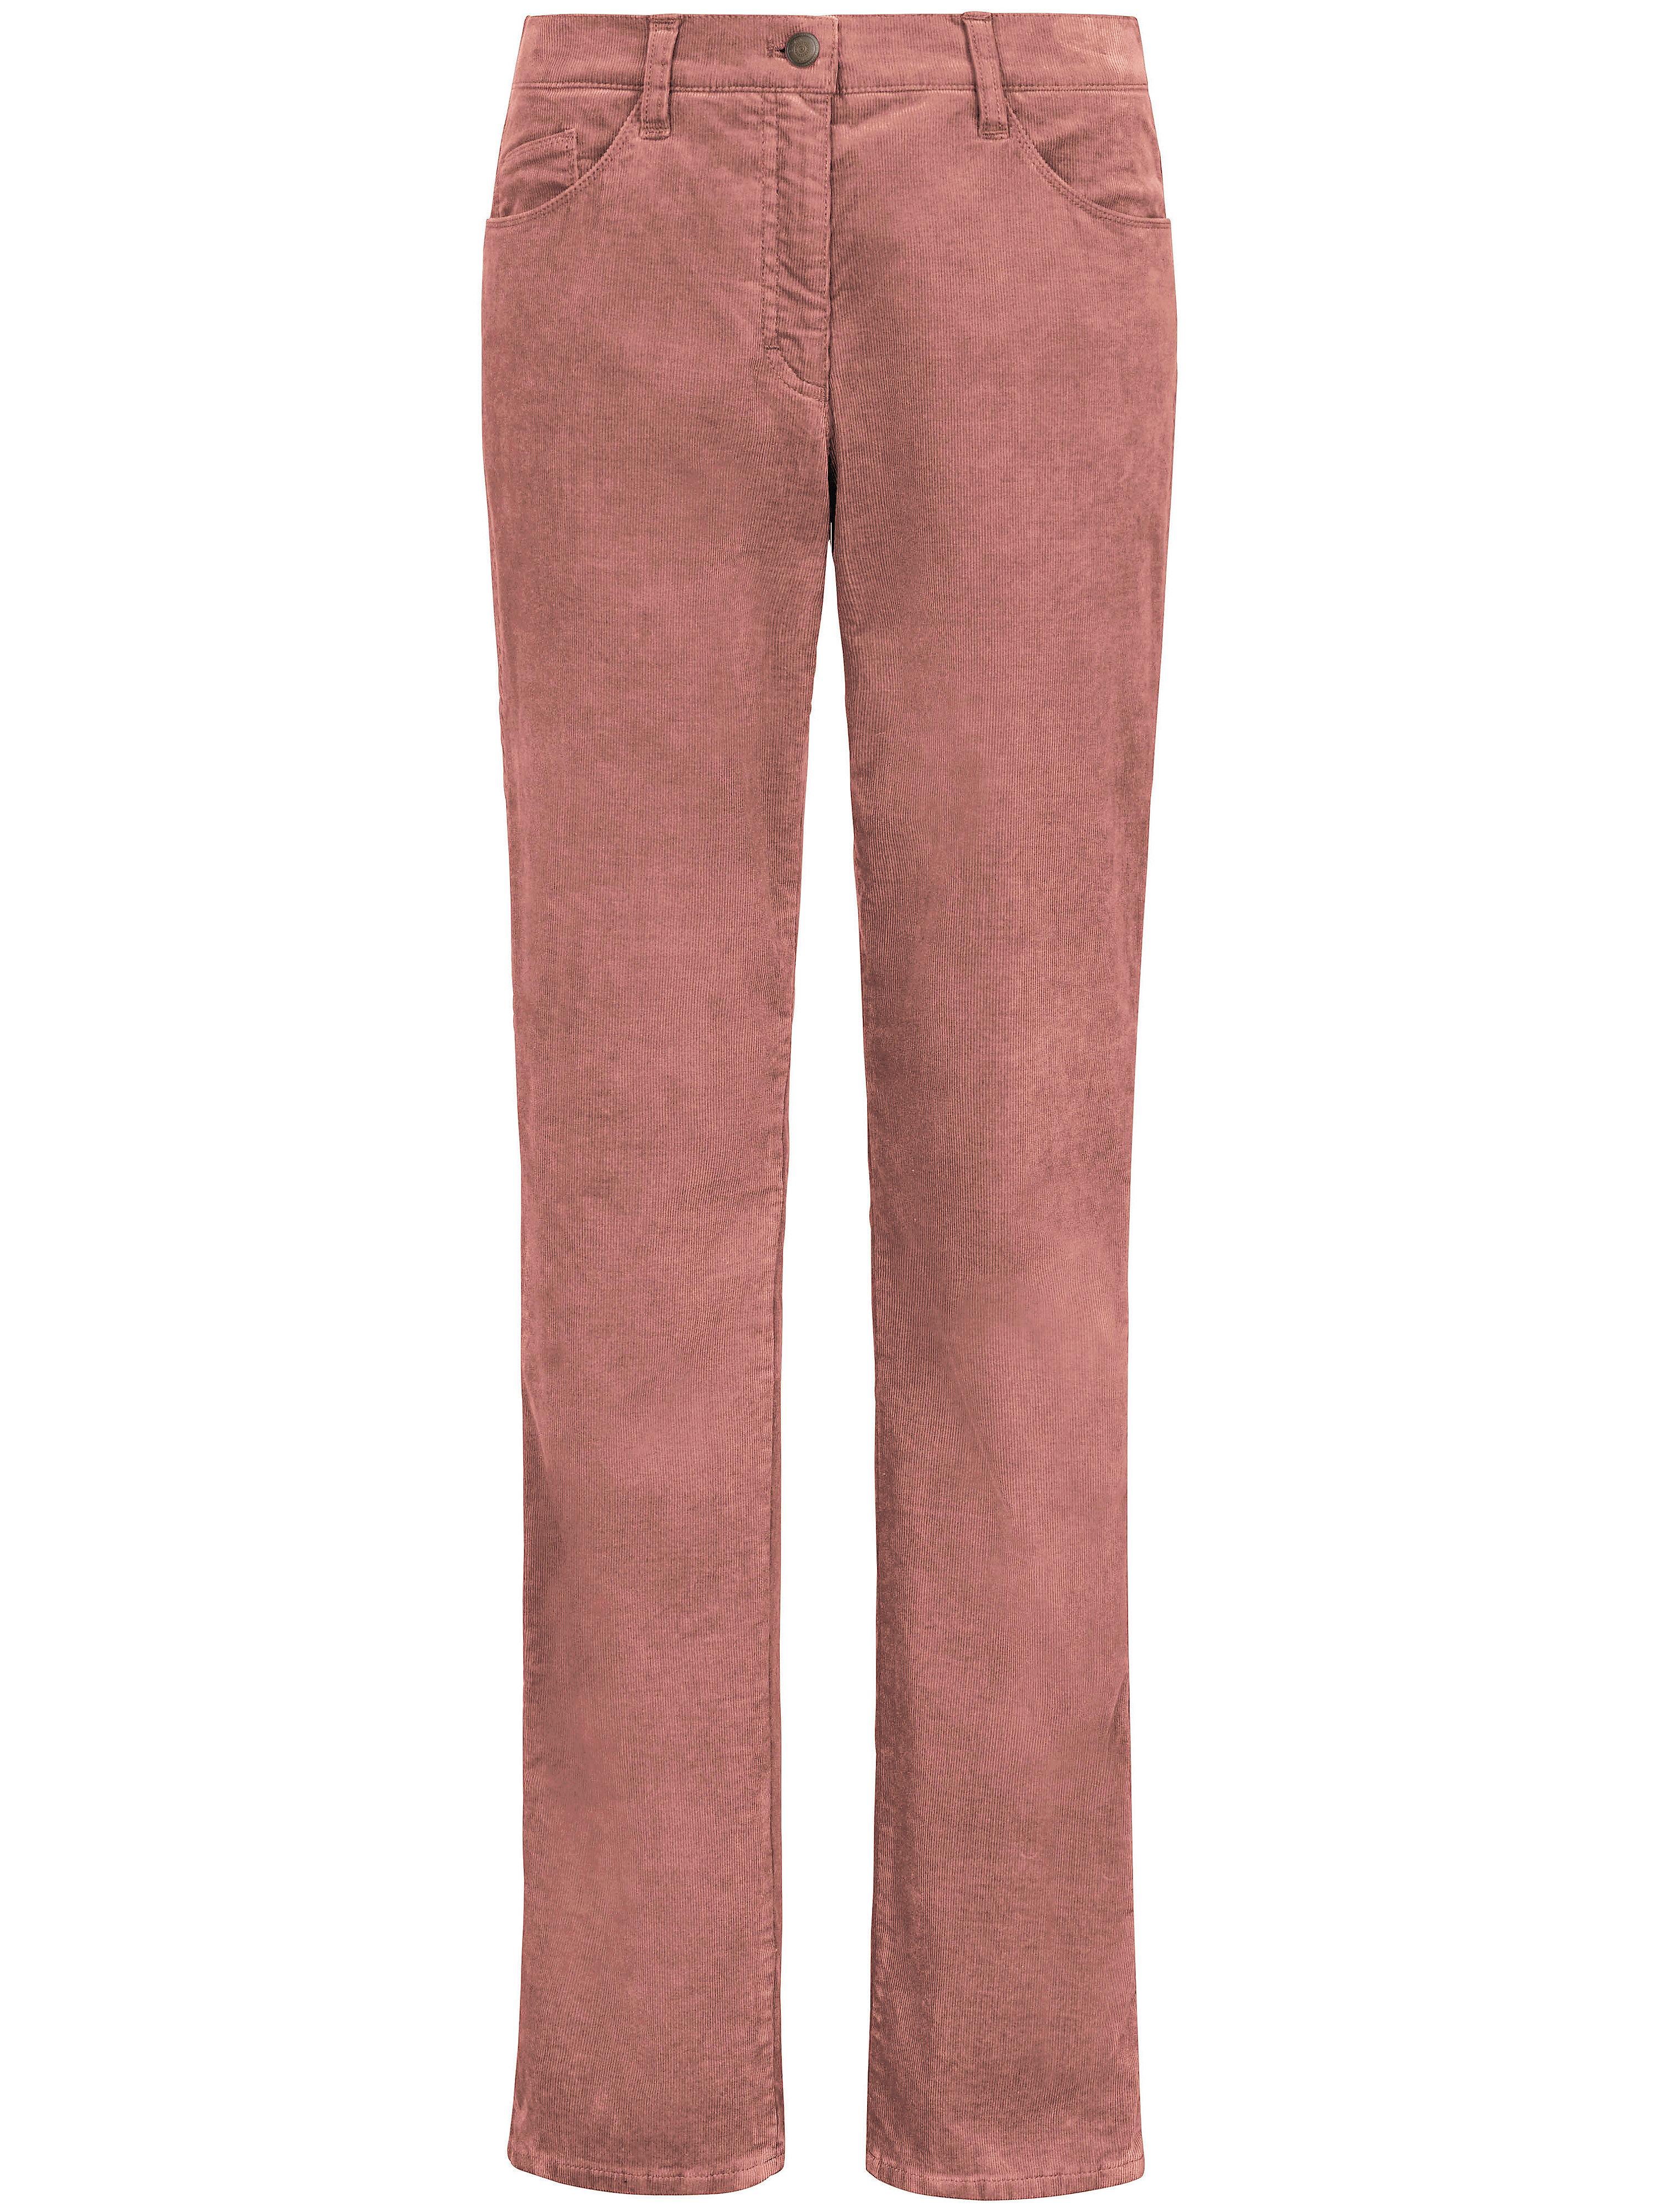 Le pantalon velours Feminine Fit modèle Carola  Brax Feel Good rose taille 22